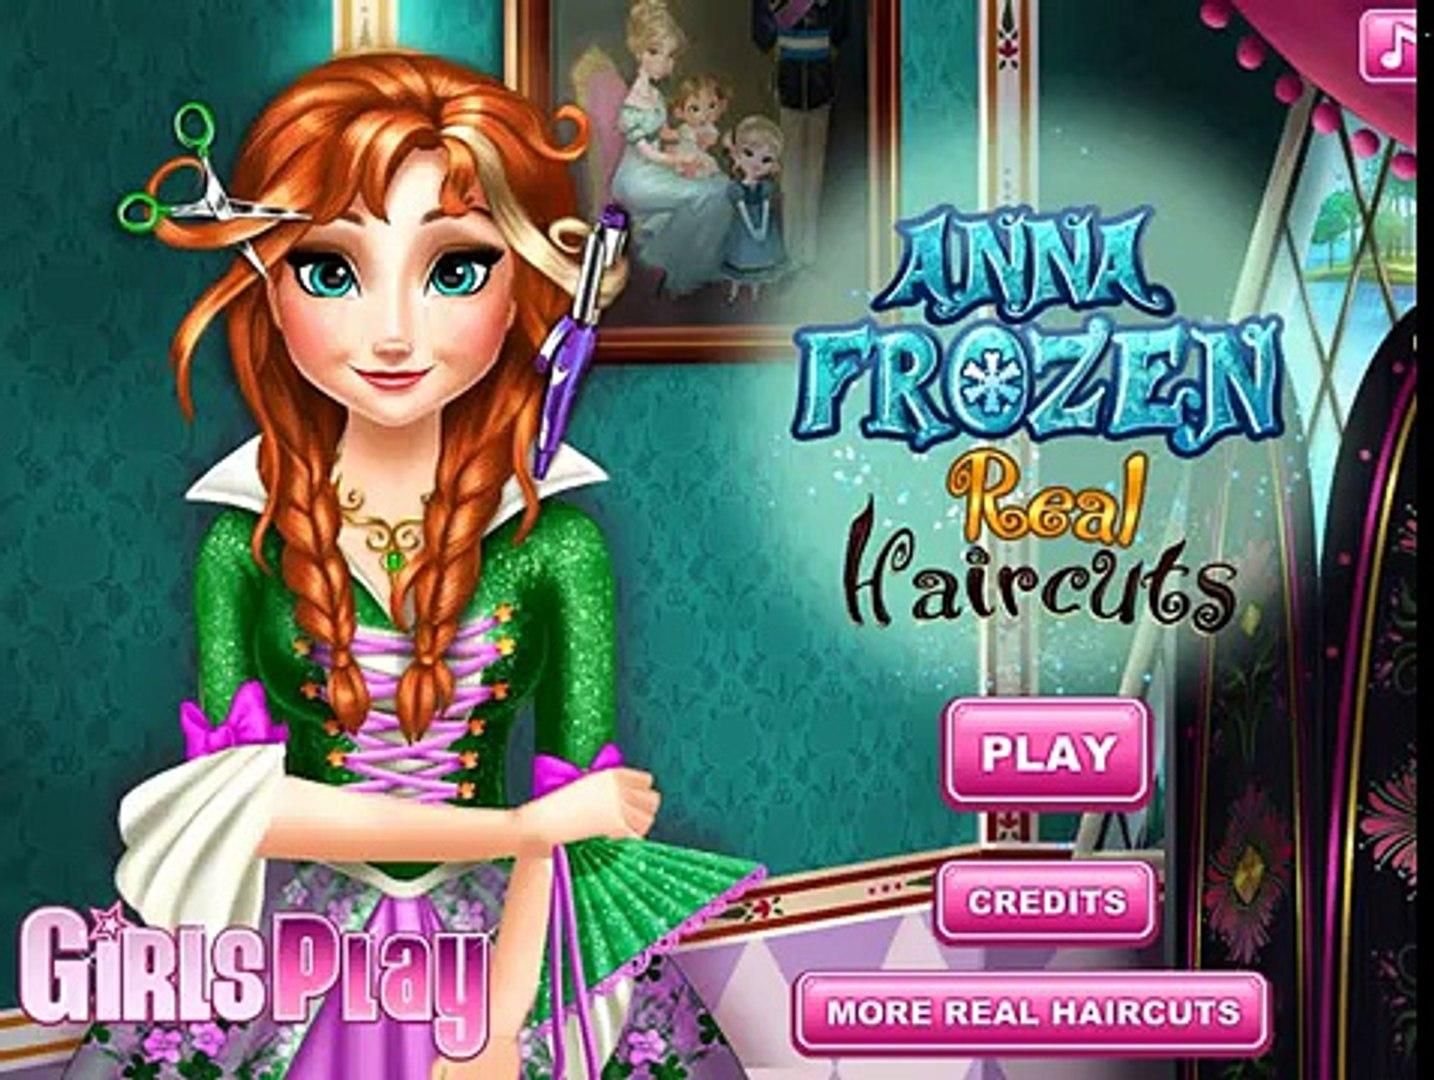 Анна Frozen Игры—Дисней Принцесса Анна Хиппи прическа—Онлайн Видео Игры Для Детей Мультфильм new